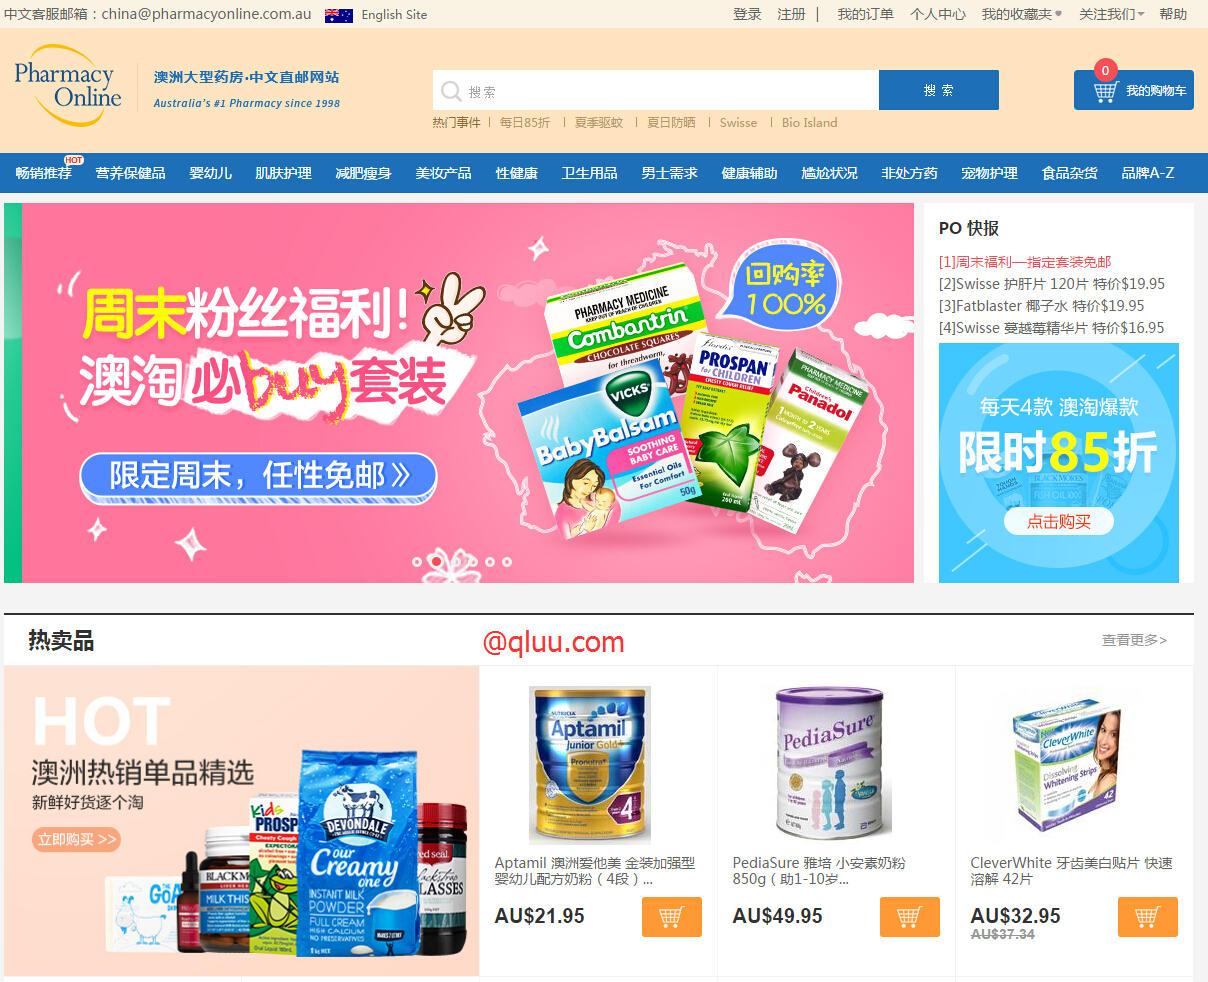 澳洲Pharmacy Online攻略PO药房海淘攻略